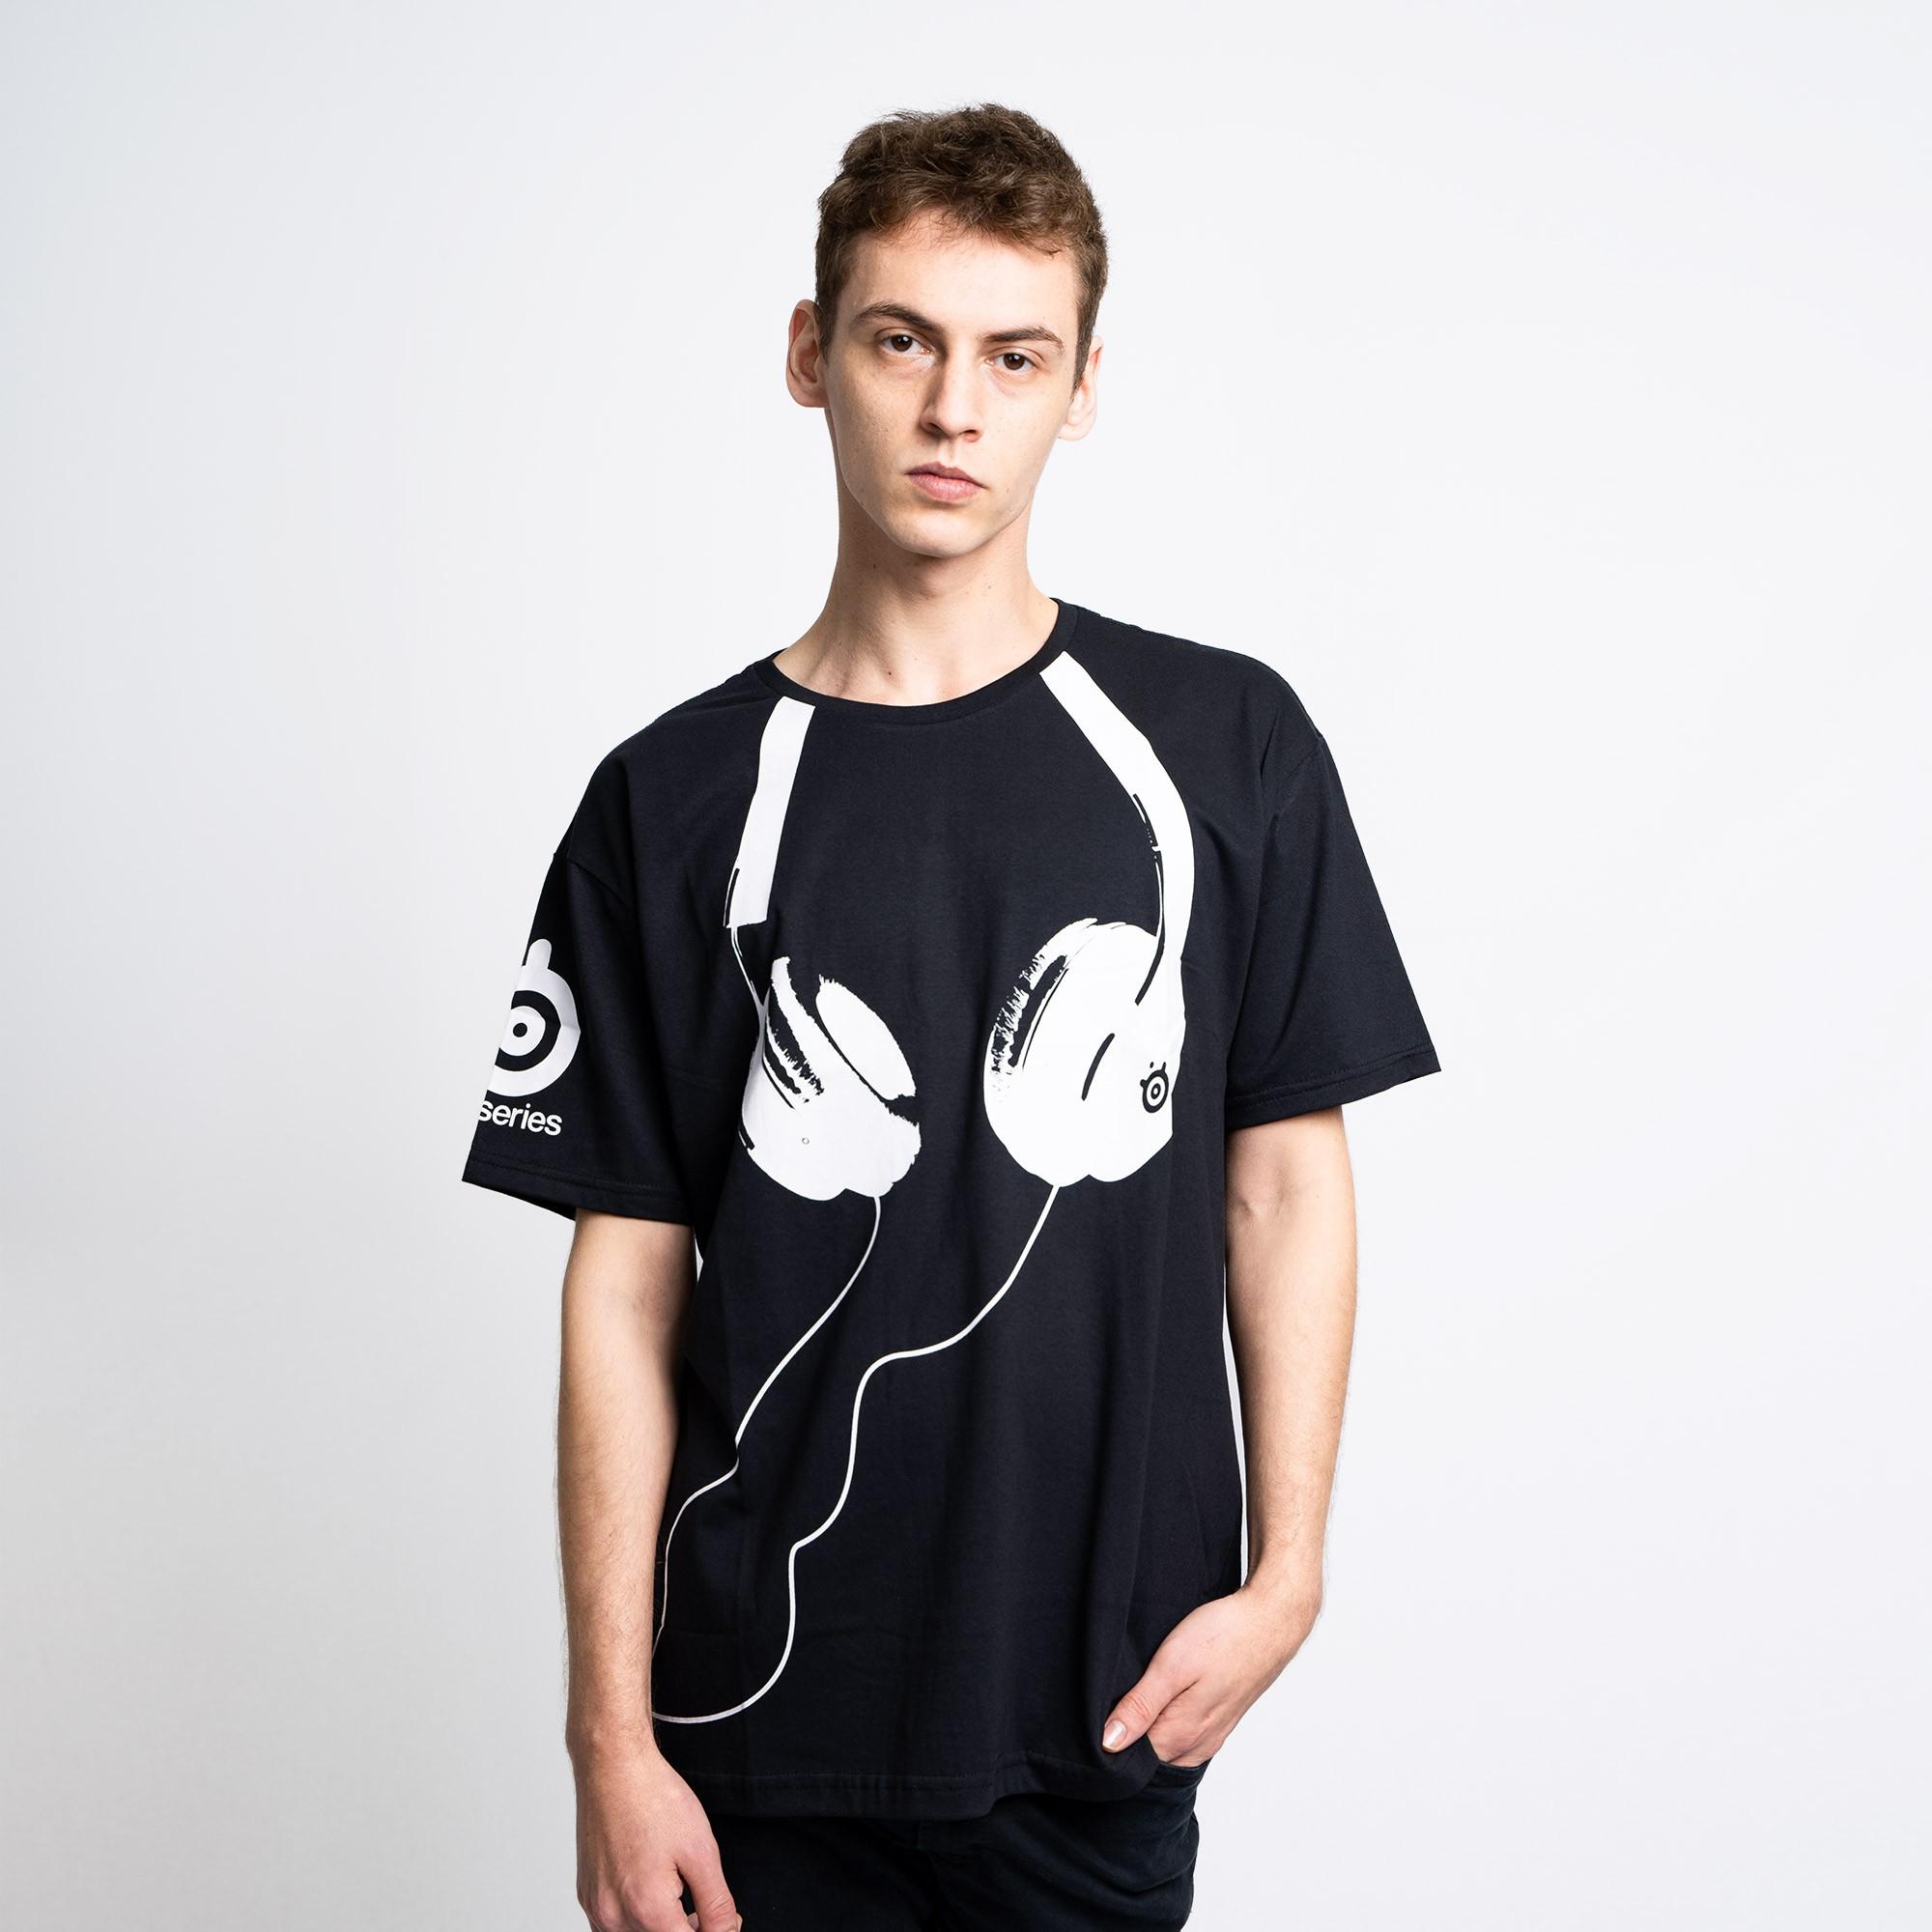 Camiseta Steelseries Headset Preta